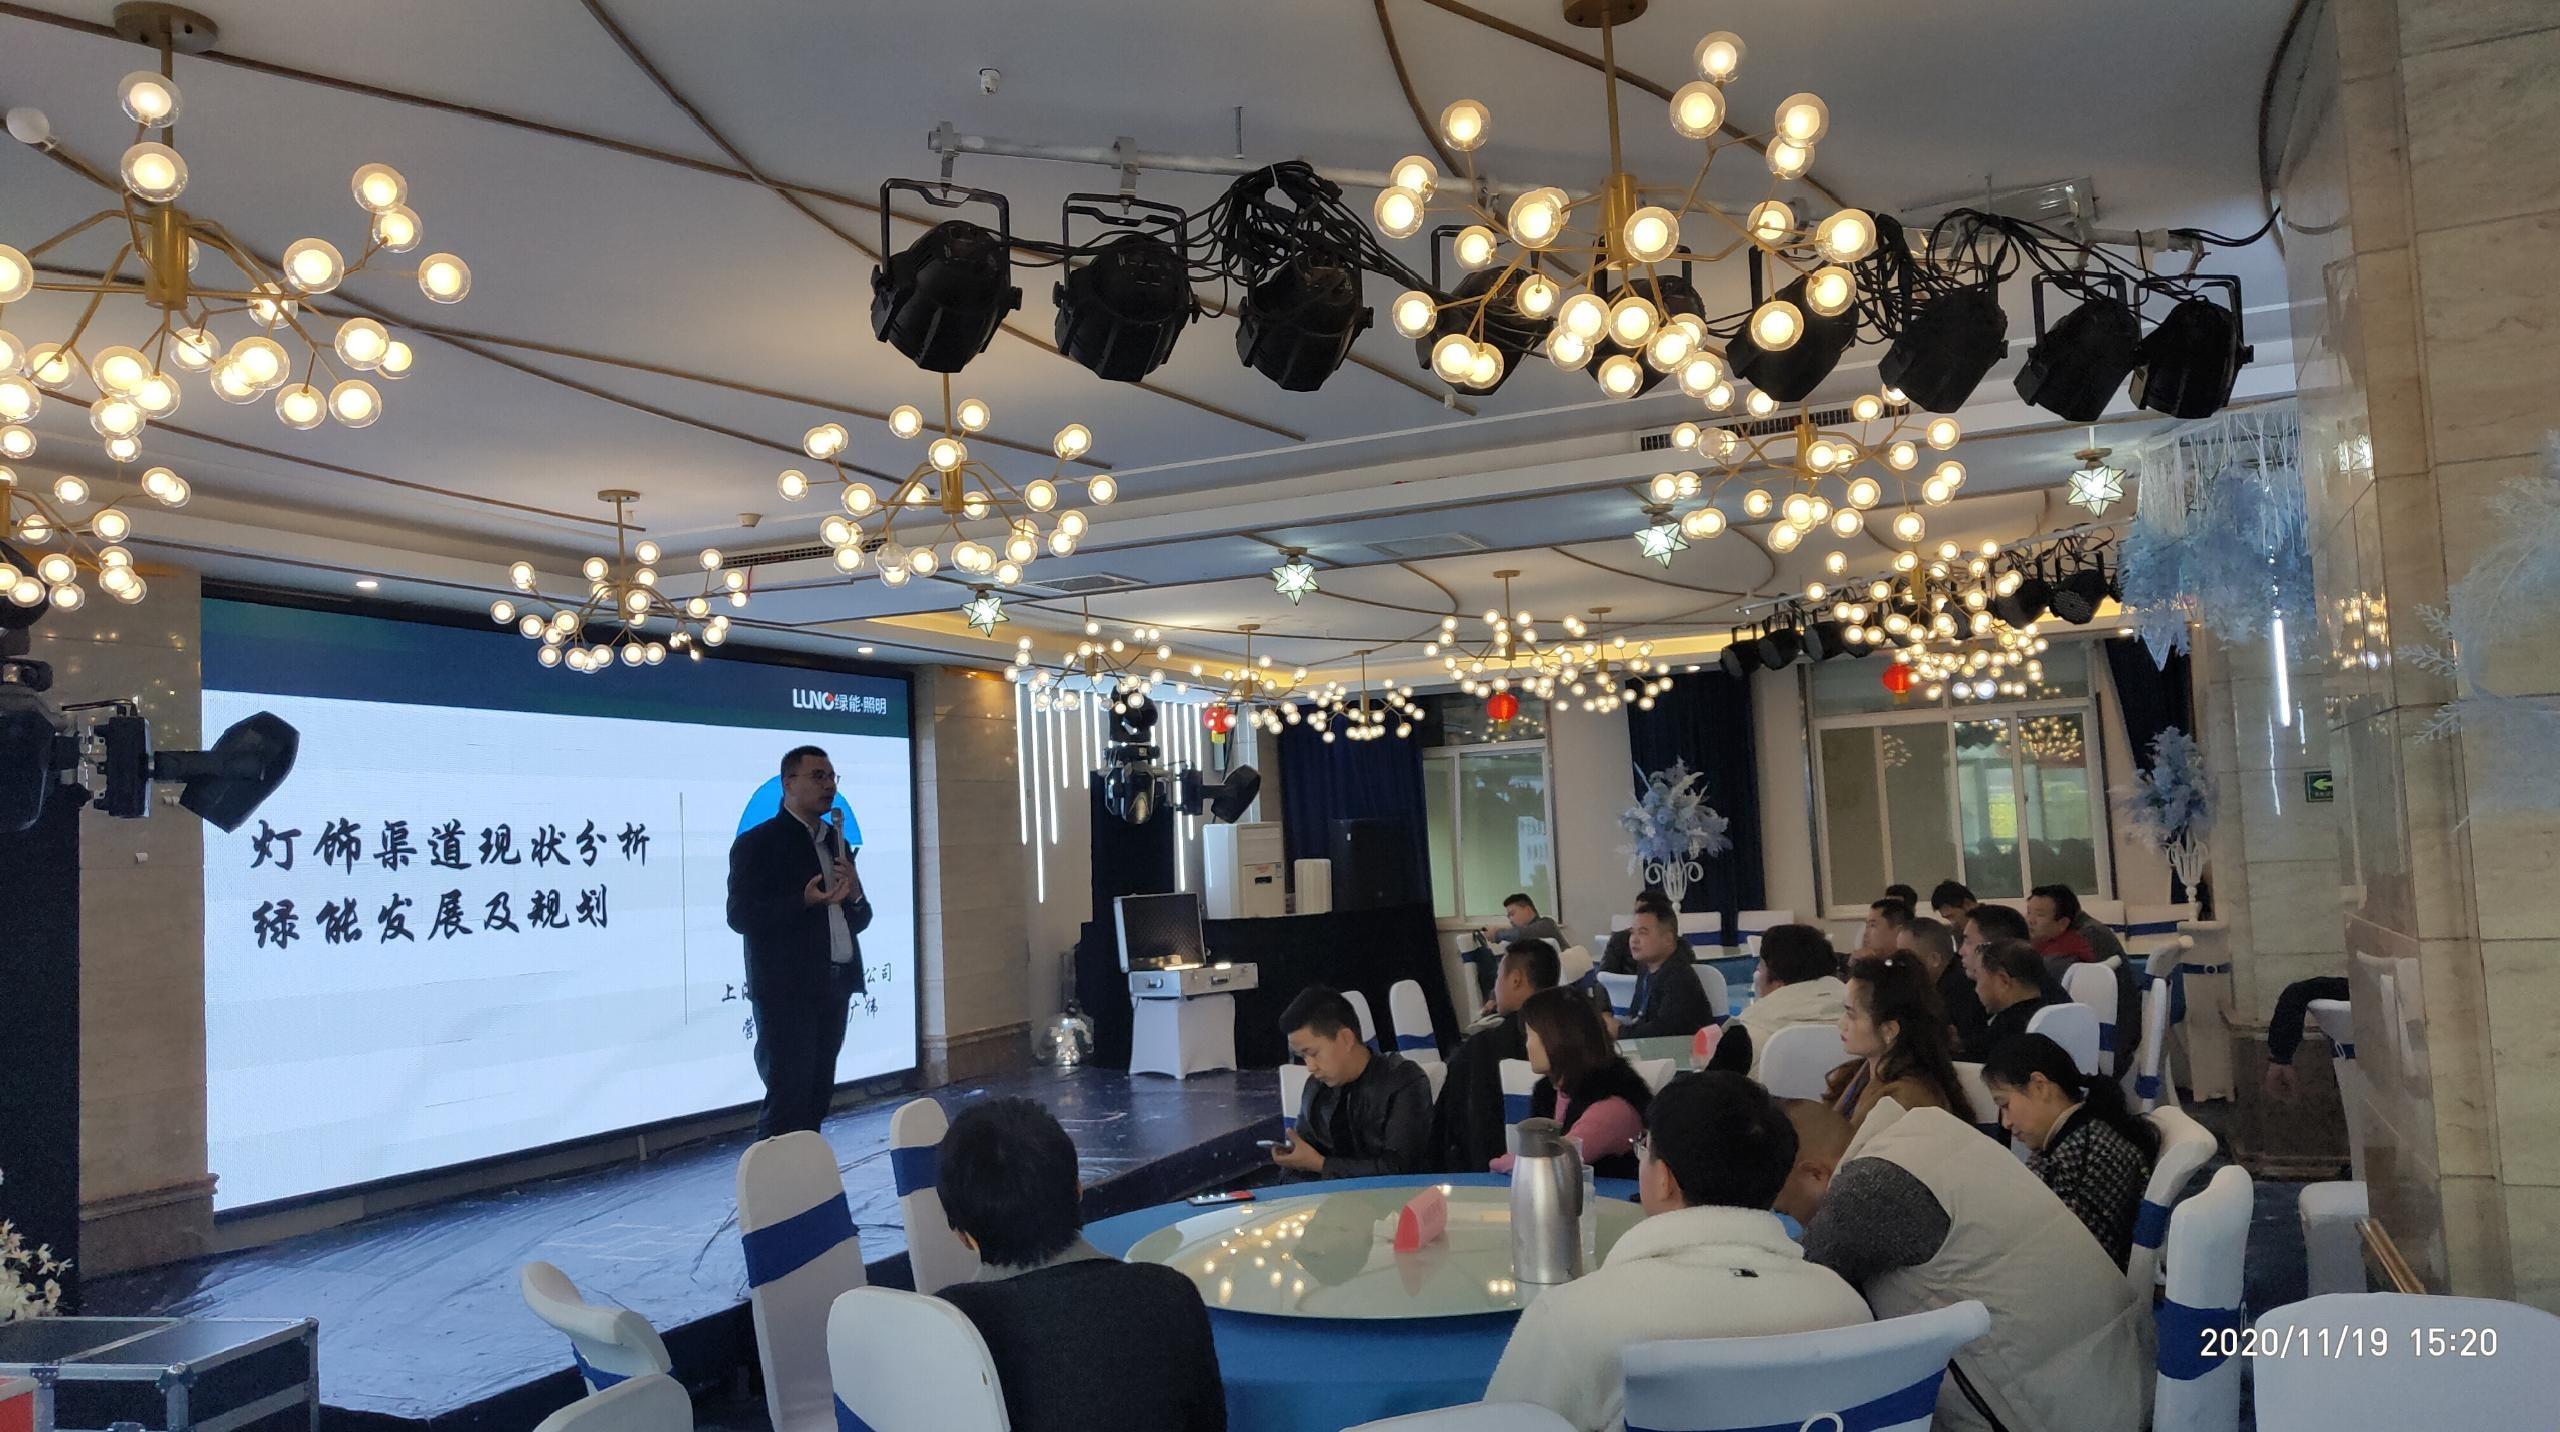 畅谈行业,鉴赏新品 | 2020必赢亚洲登录产品研讨会郑州站